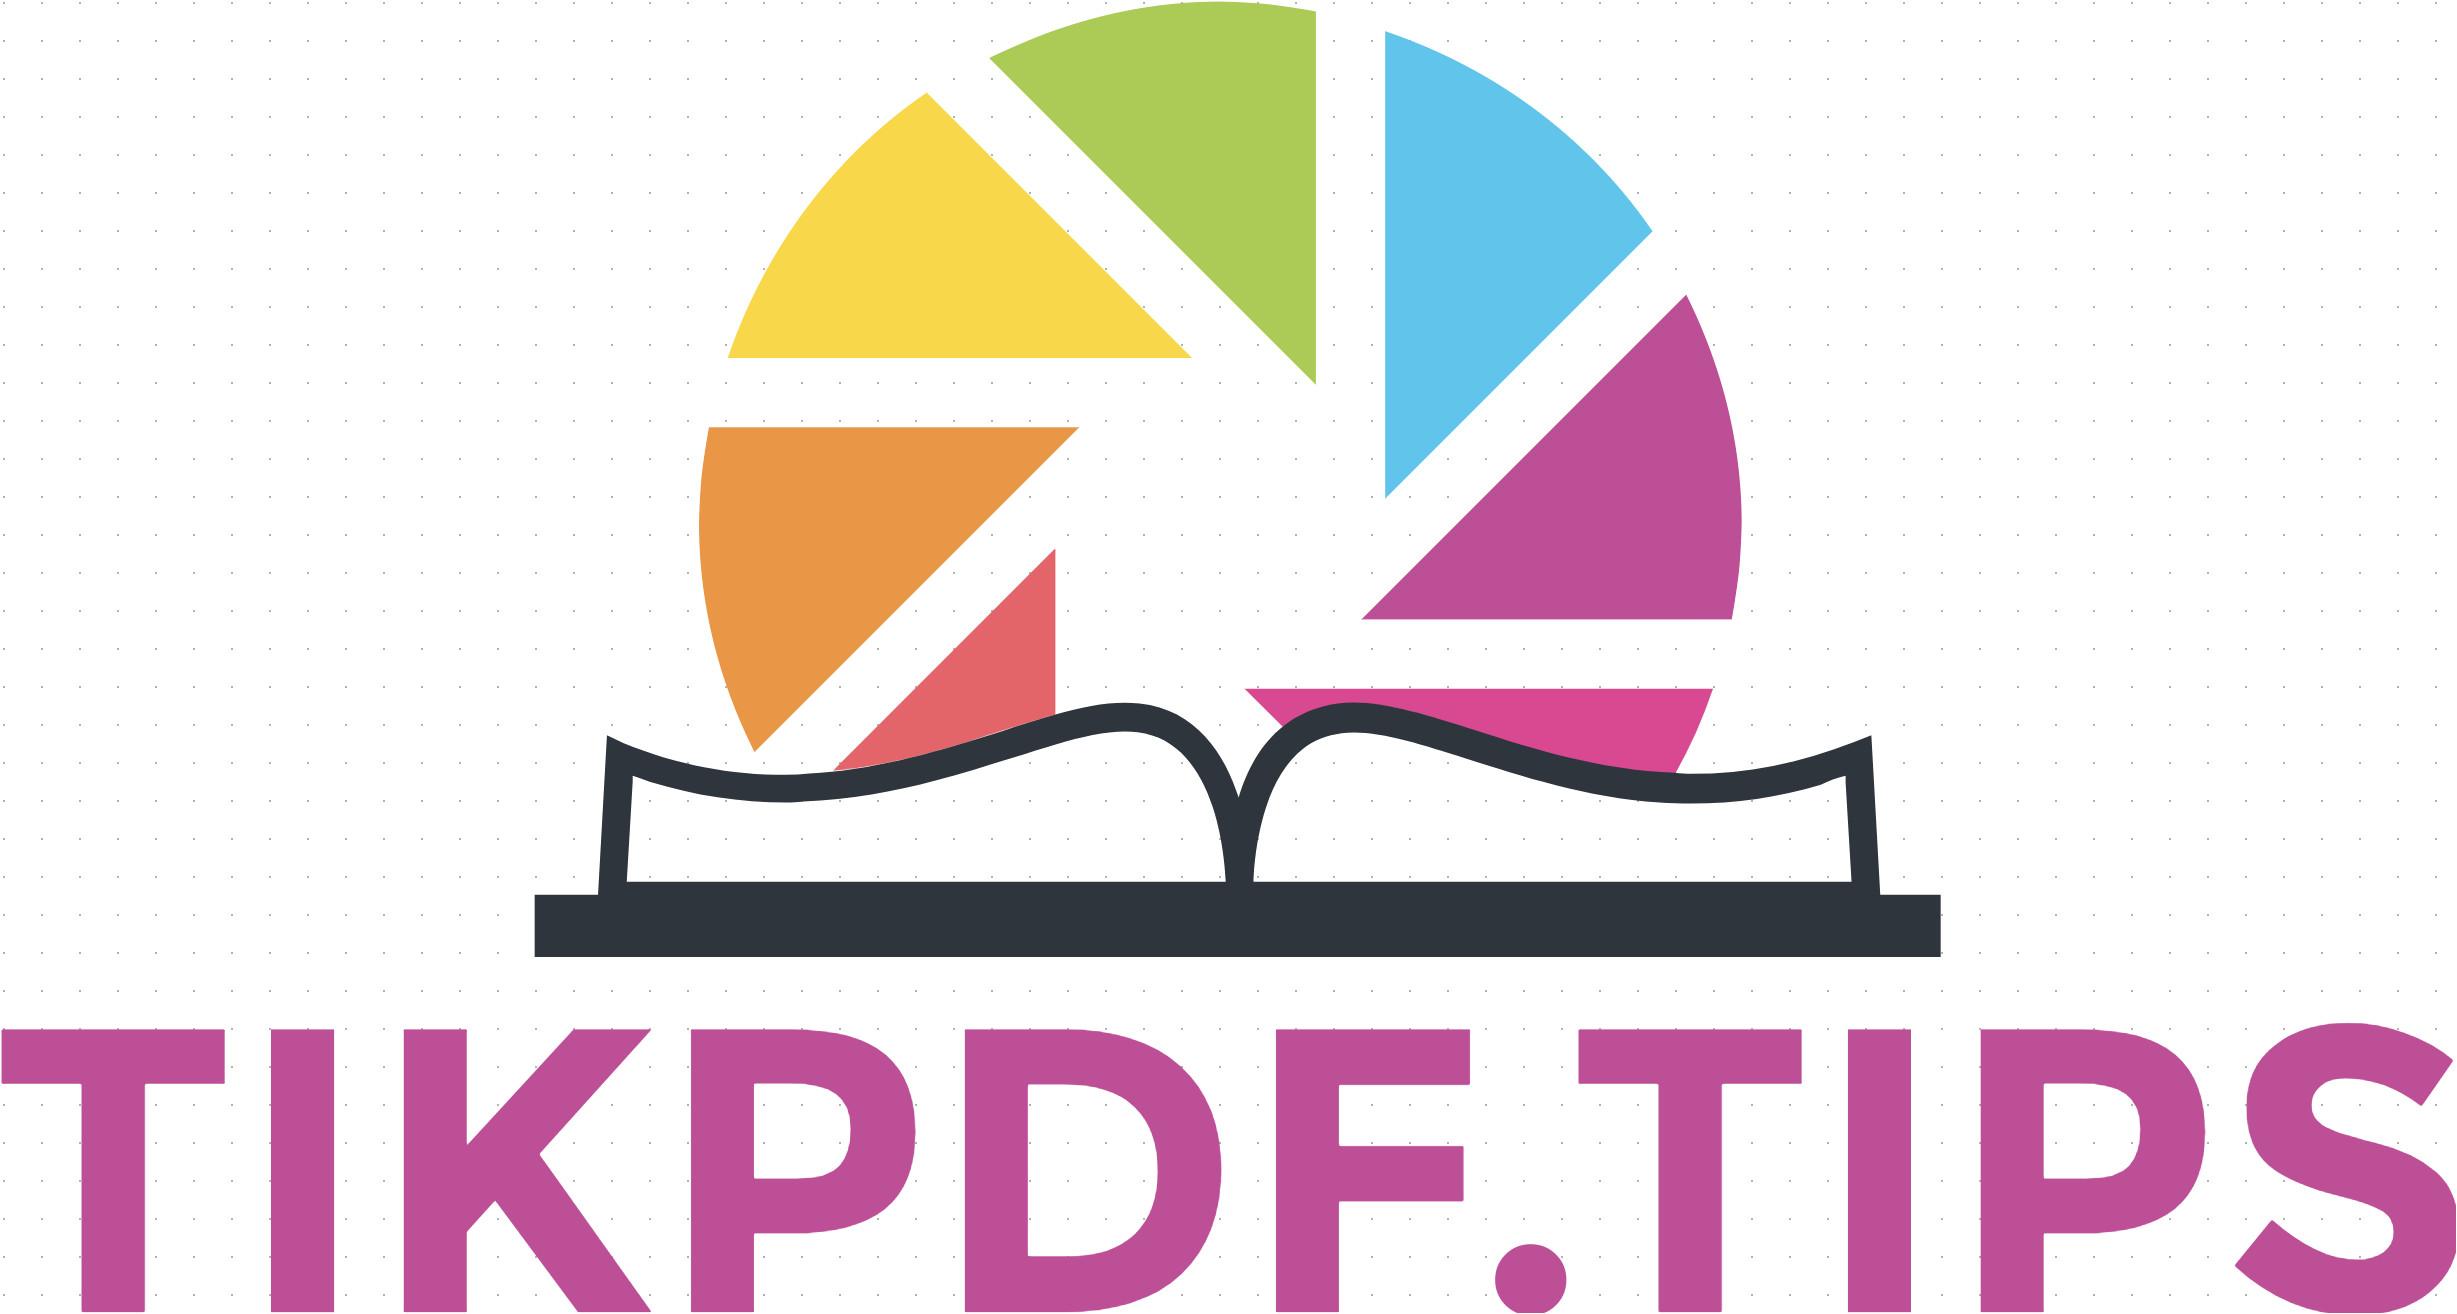 tikpdftips logo png